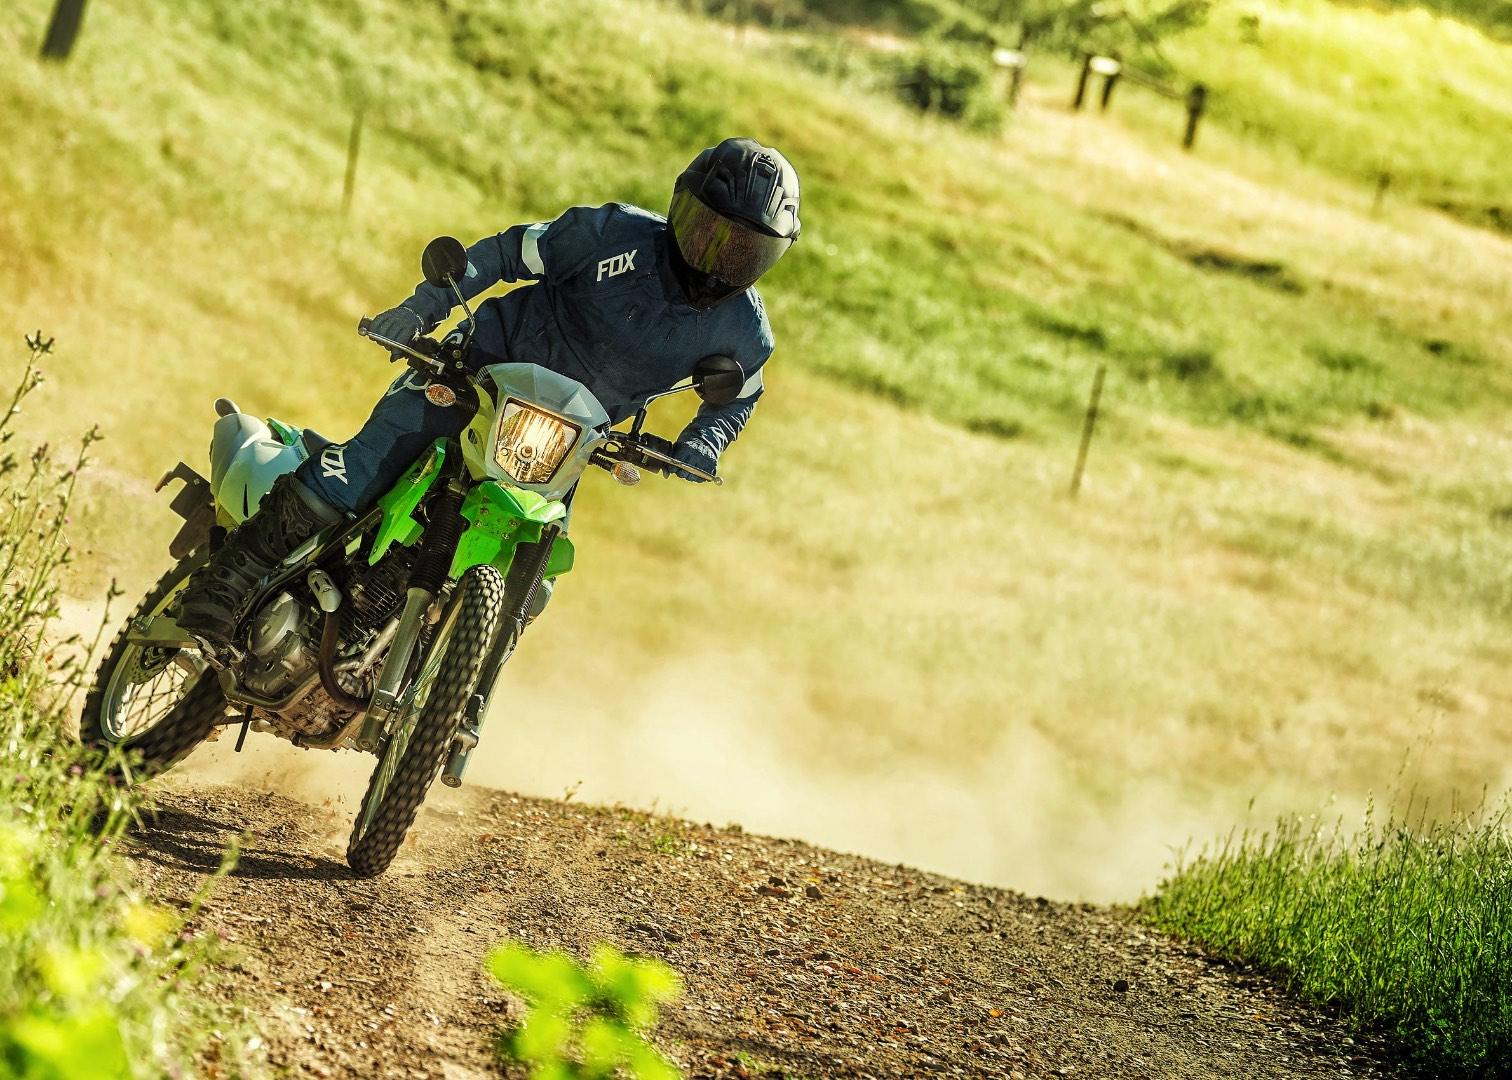 2020 Kawasaki KLX230 Preview